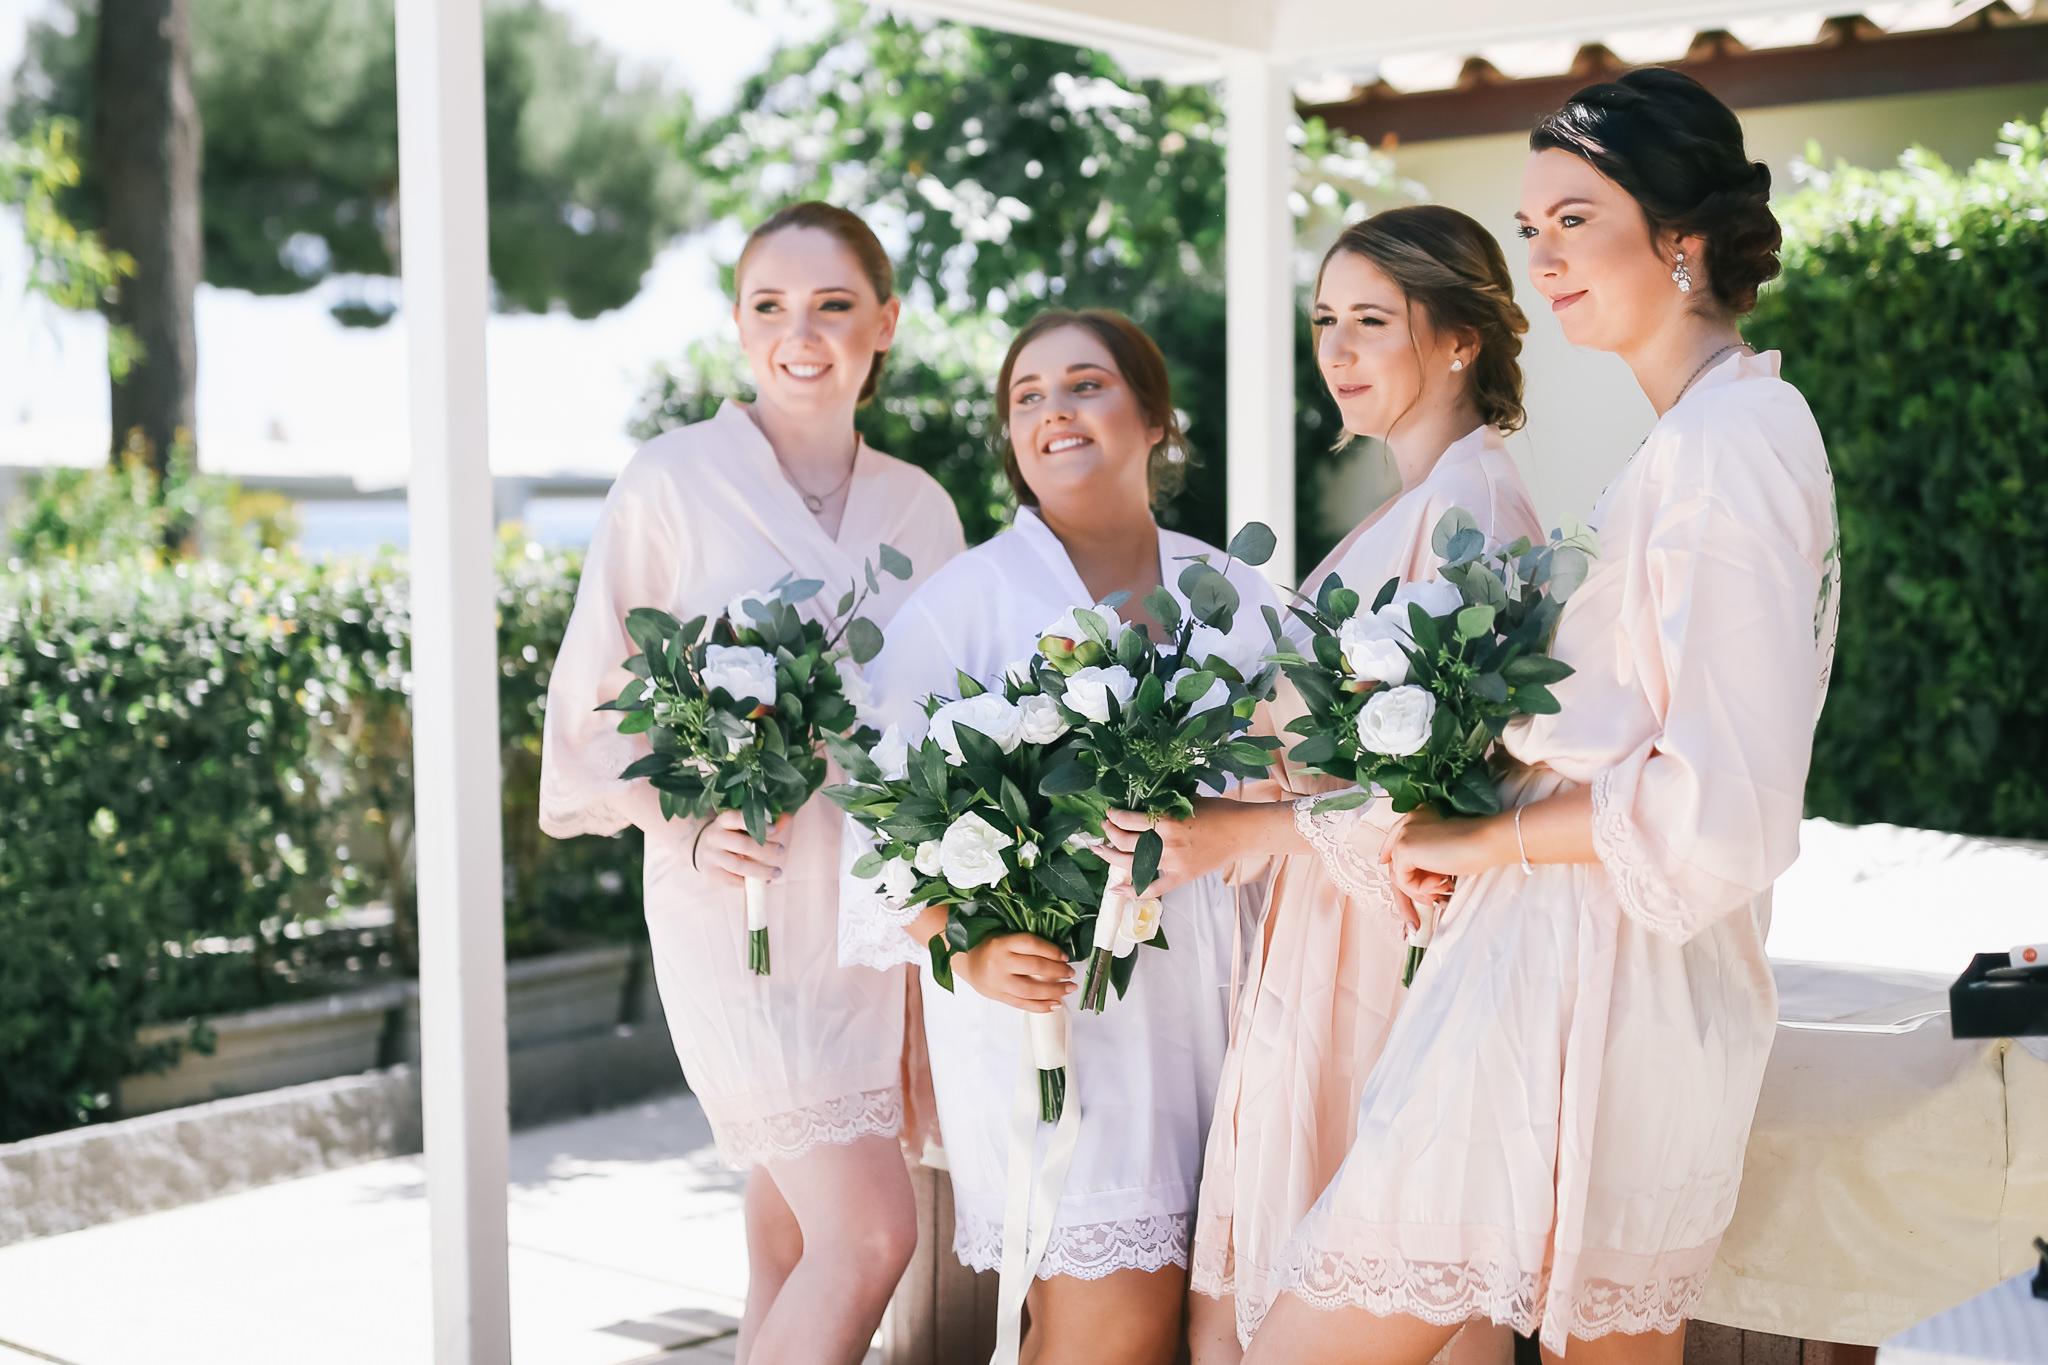 017-2019-04-27-Wedding-Michelle-e-Callum-35mm-022